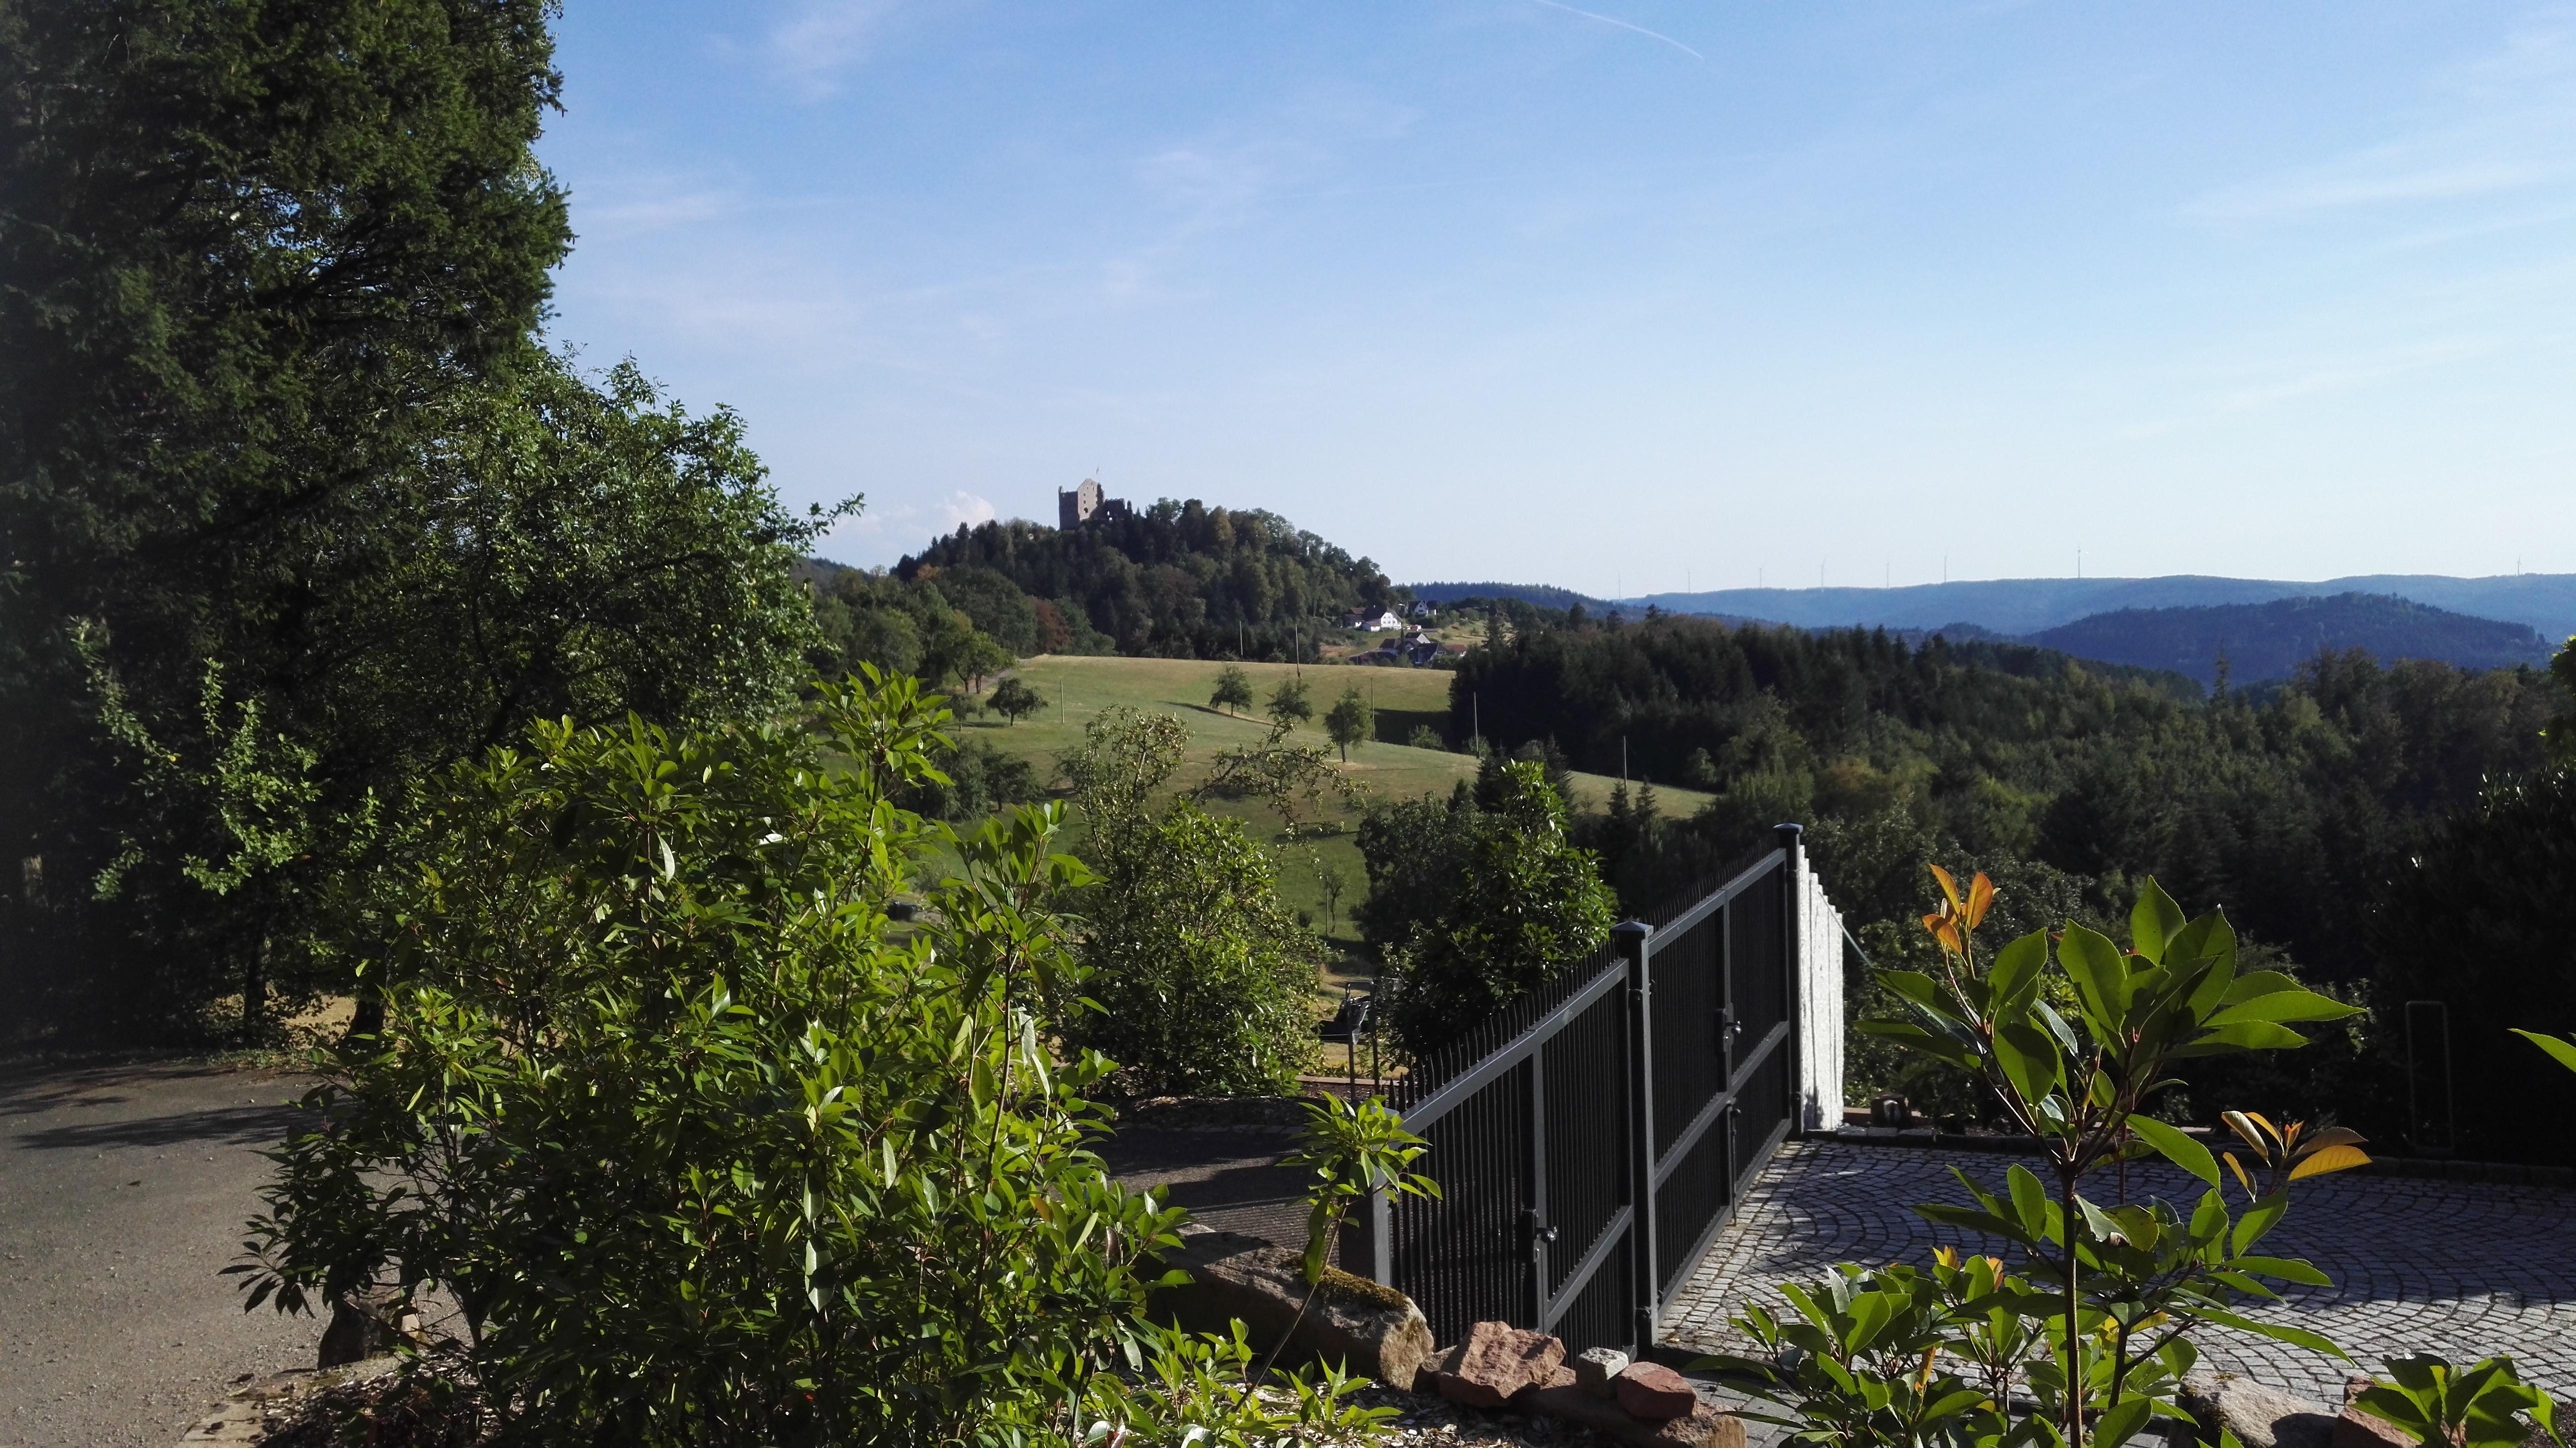 Blick von der Raukastendestille auf die Burg Hohengeroldseck